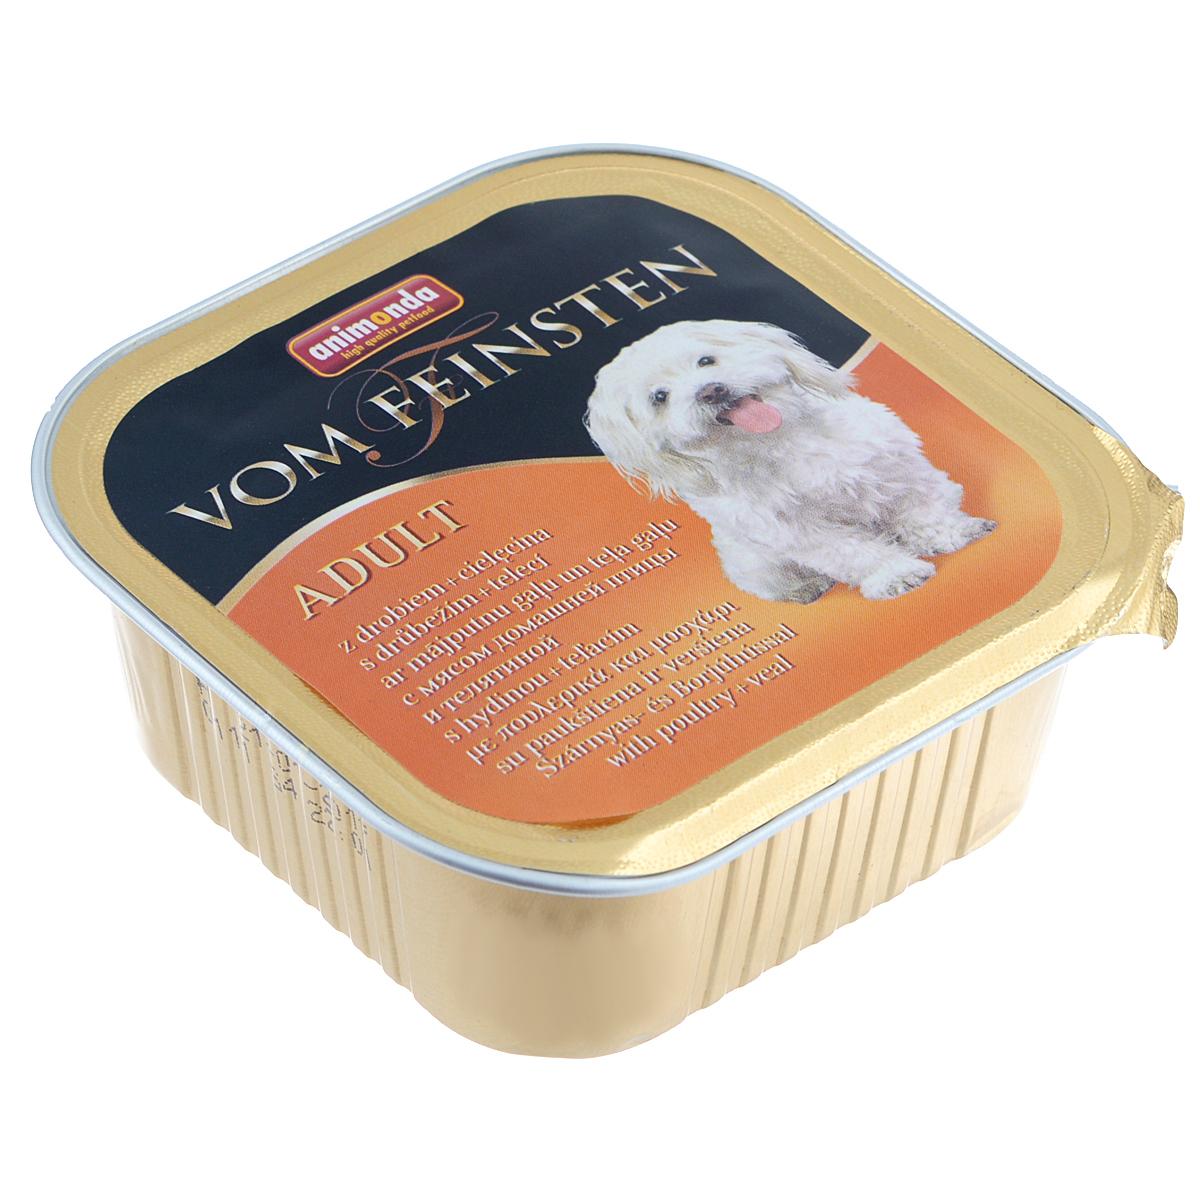 """Консервы Animonda """"Vom Feinsten"""" для взрослых собак, с домашней птицей и телятиной, 150 г 46675"""